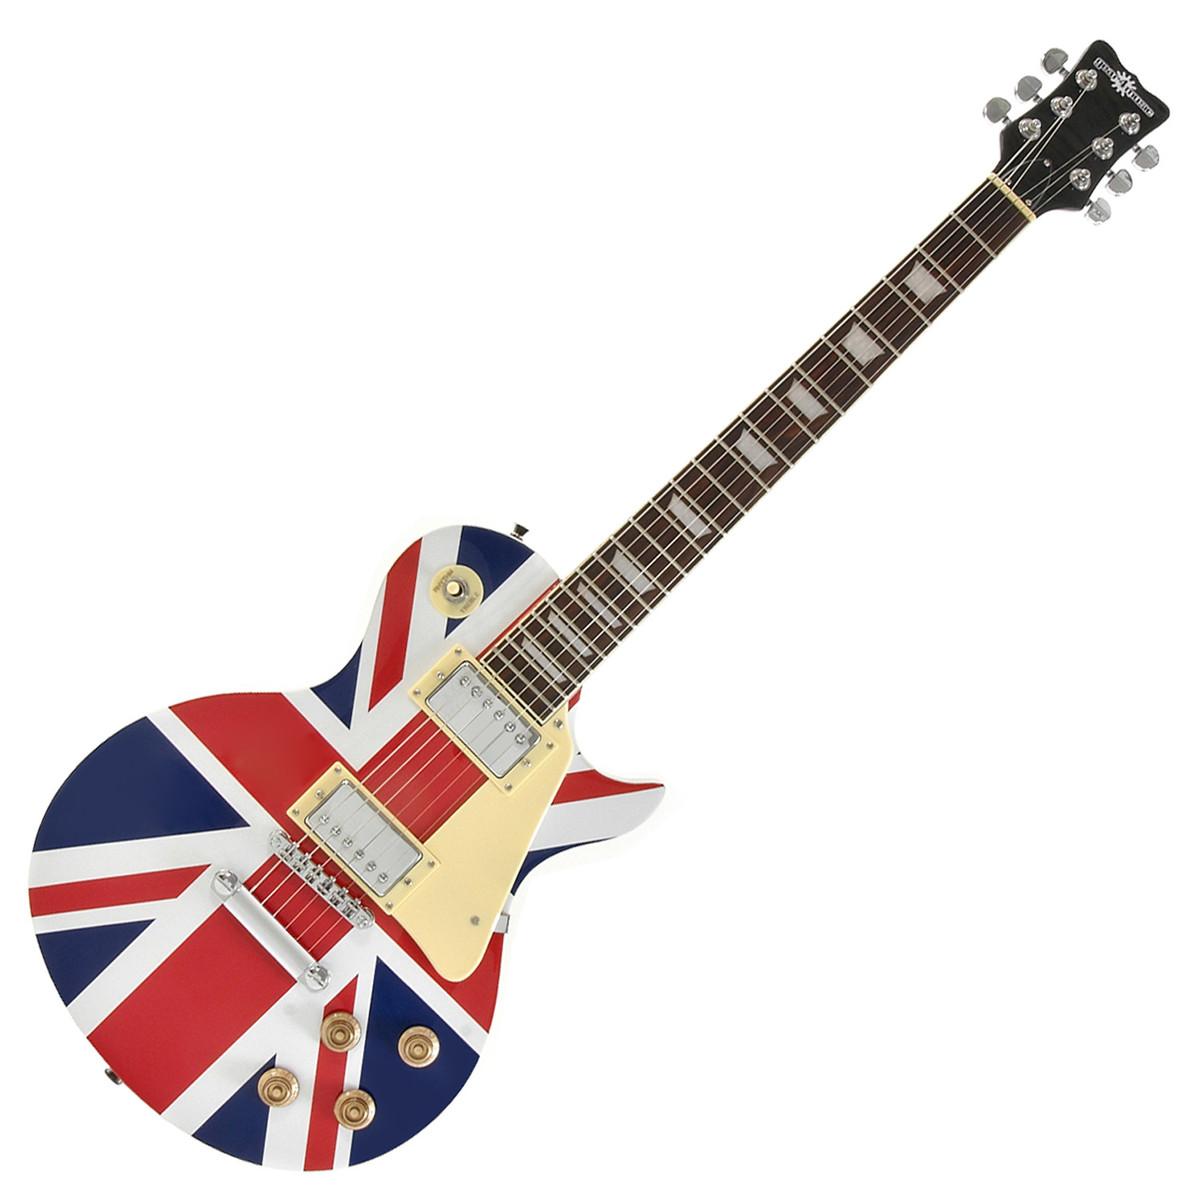 guitare lectrique new jersey par gear4music union jack comme neuf. Black Bedroom Furniture Sets. Home Design Ideas